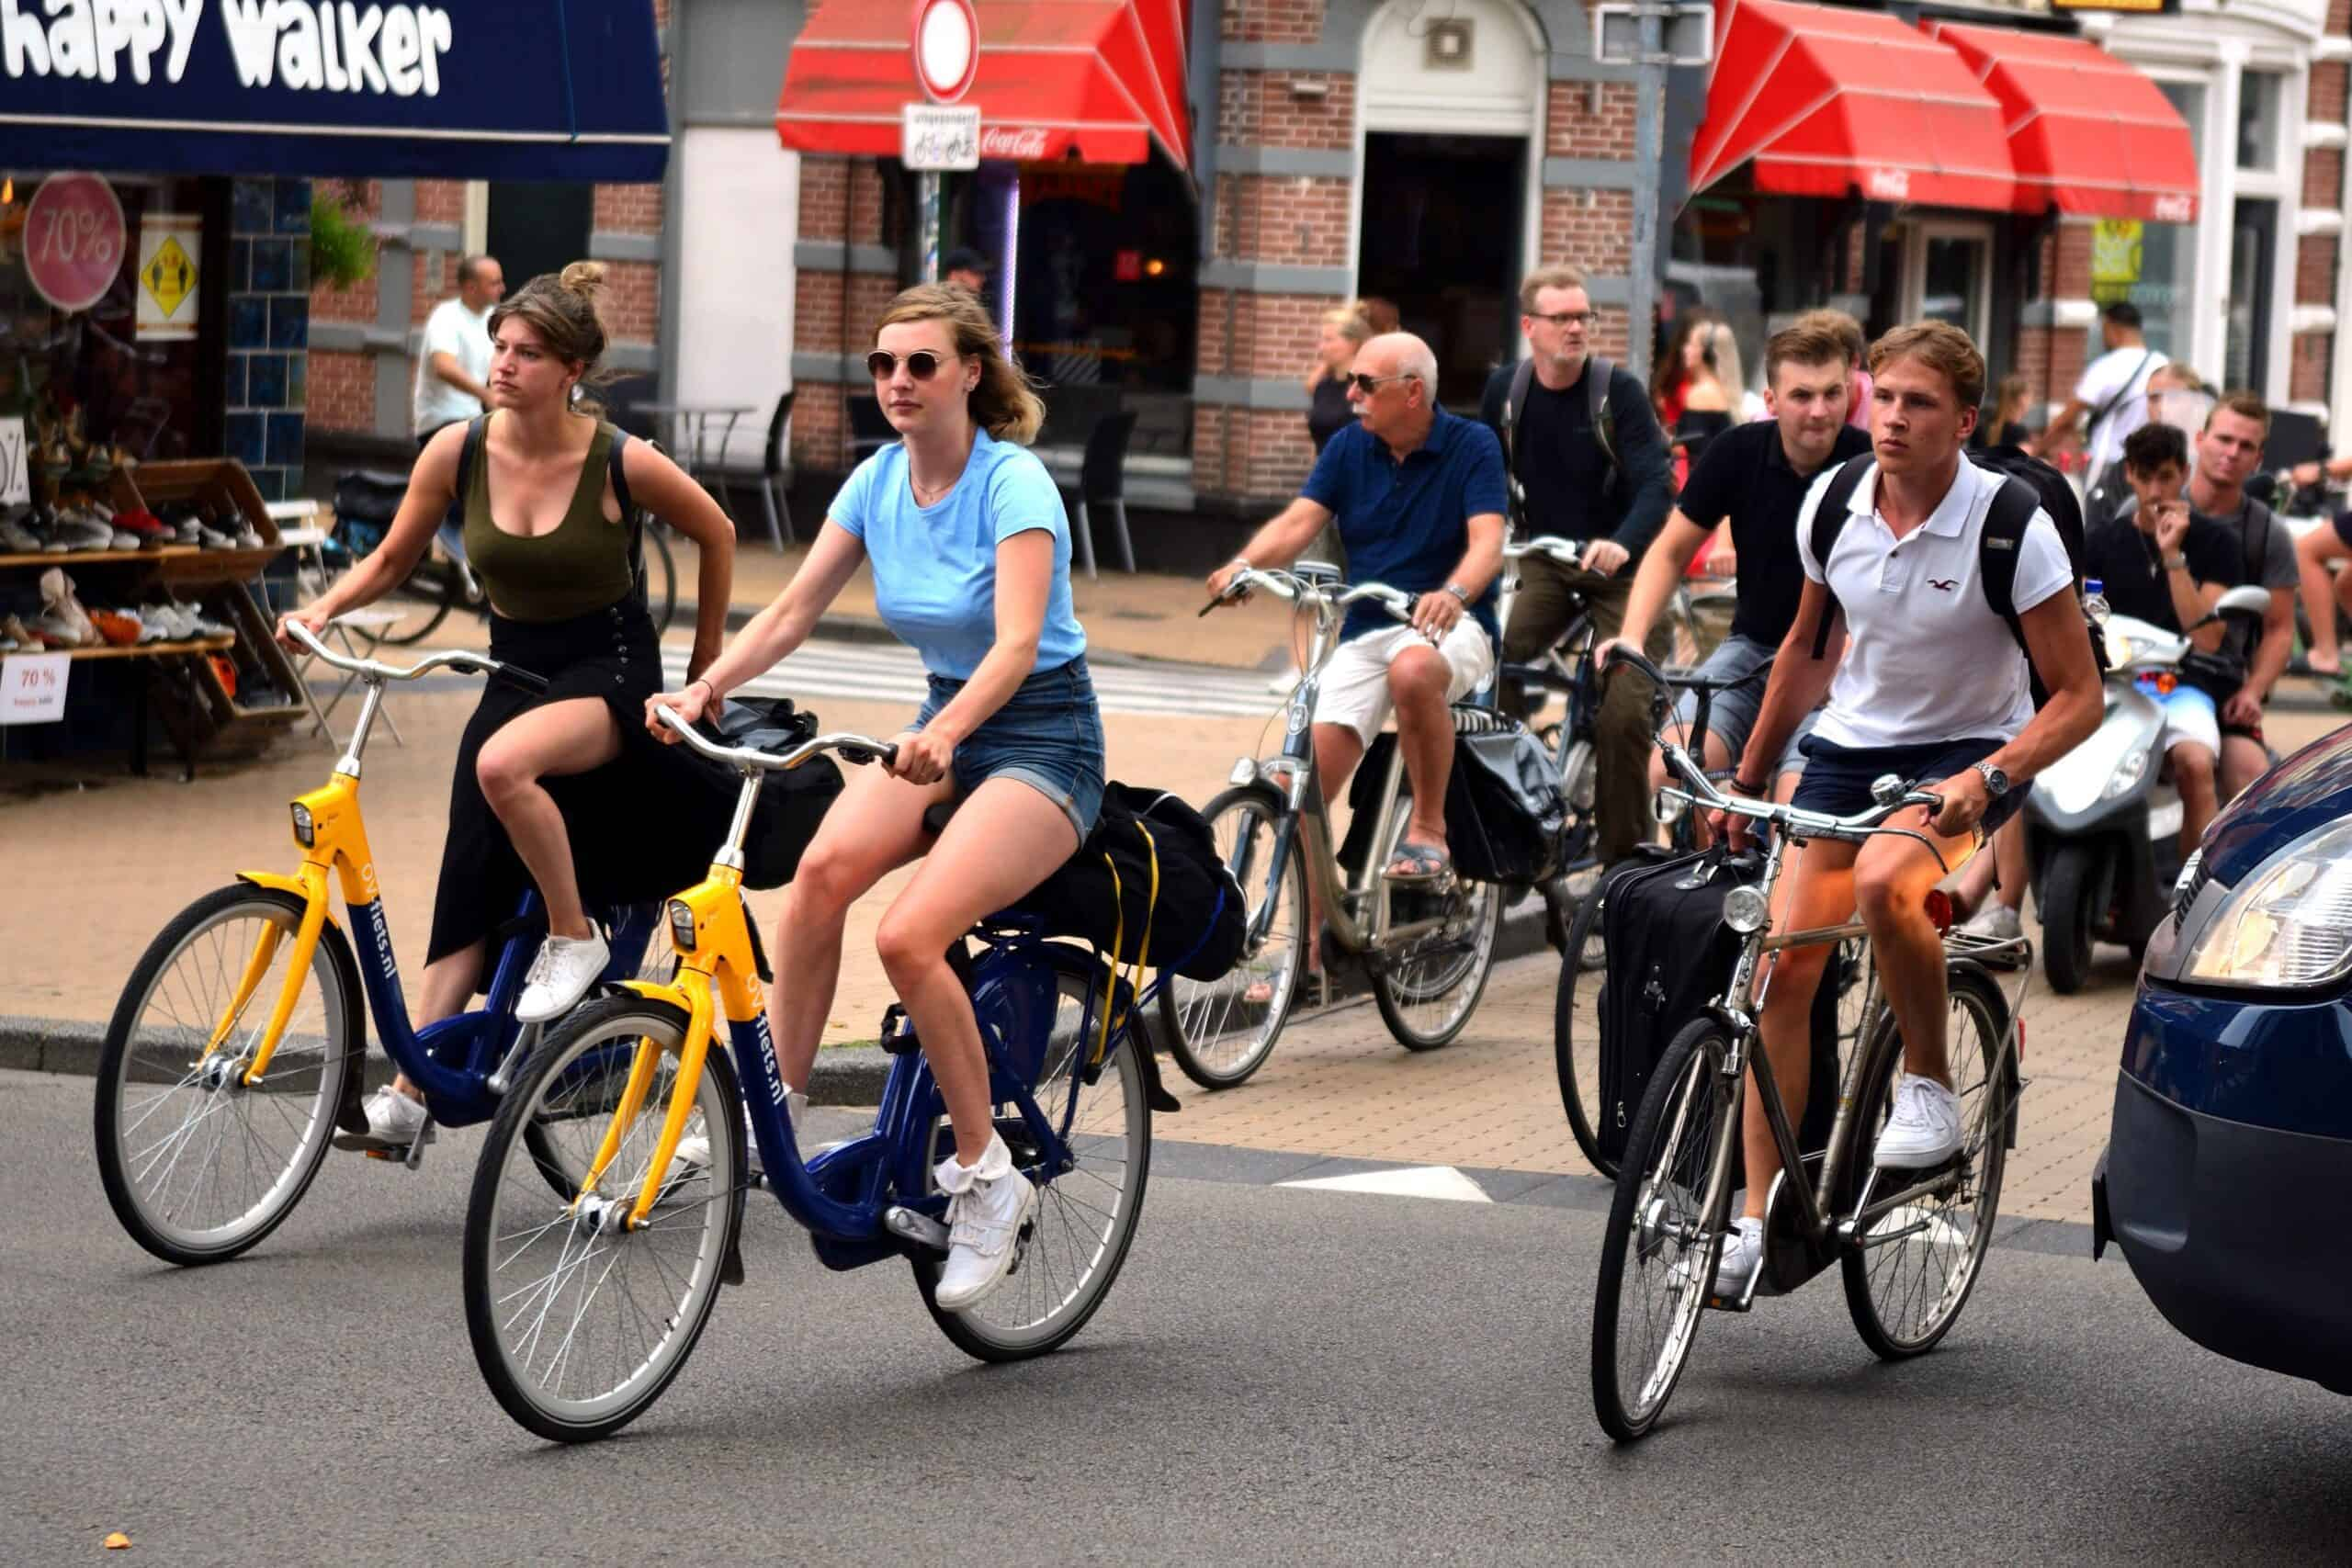 Mesen op de fiets - Straatfotografie